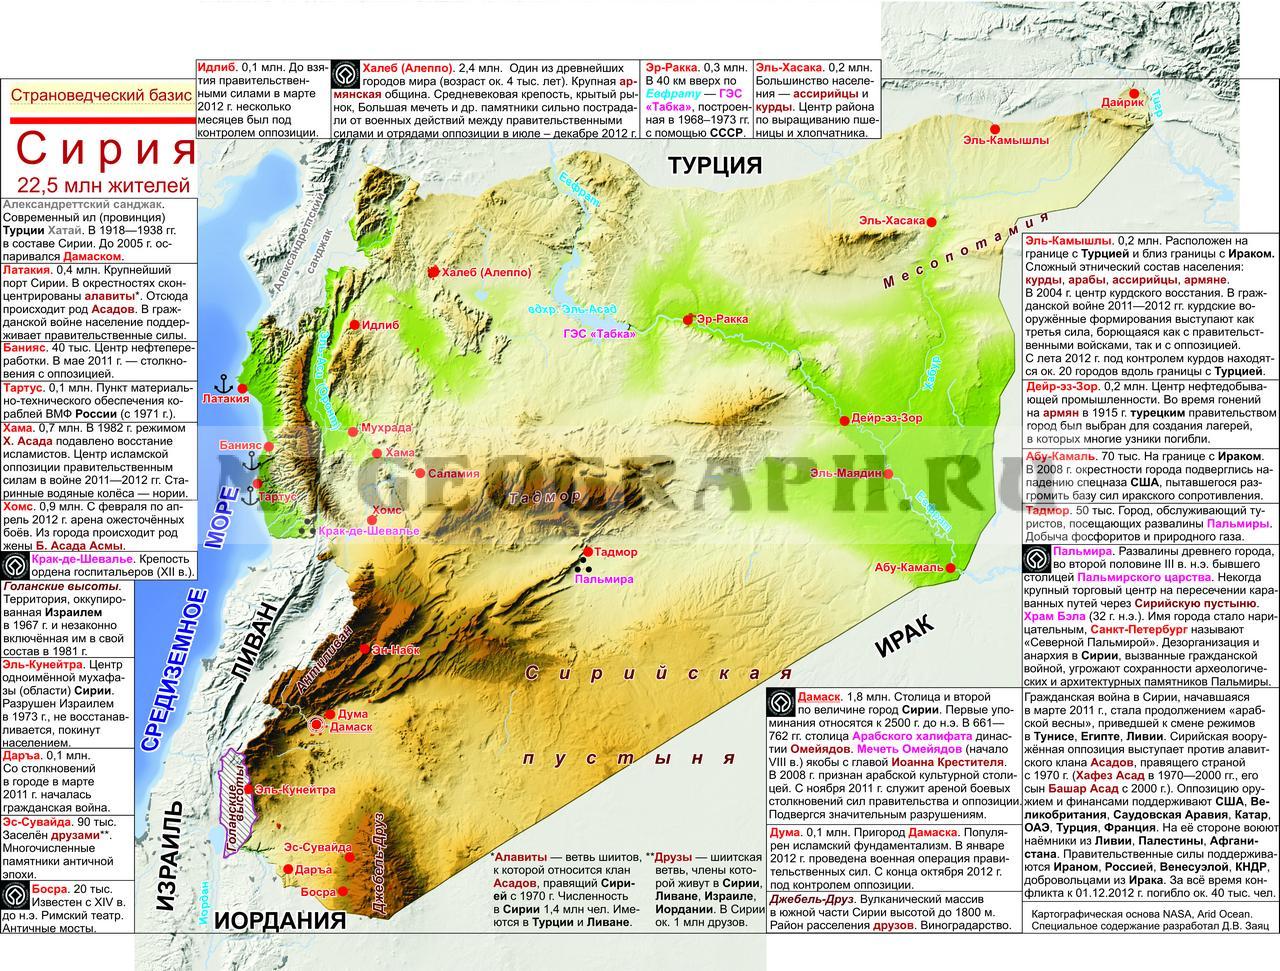 Сирия карта информационно-географическая